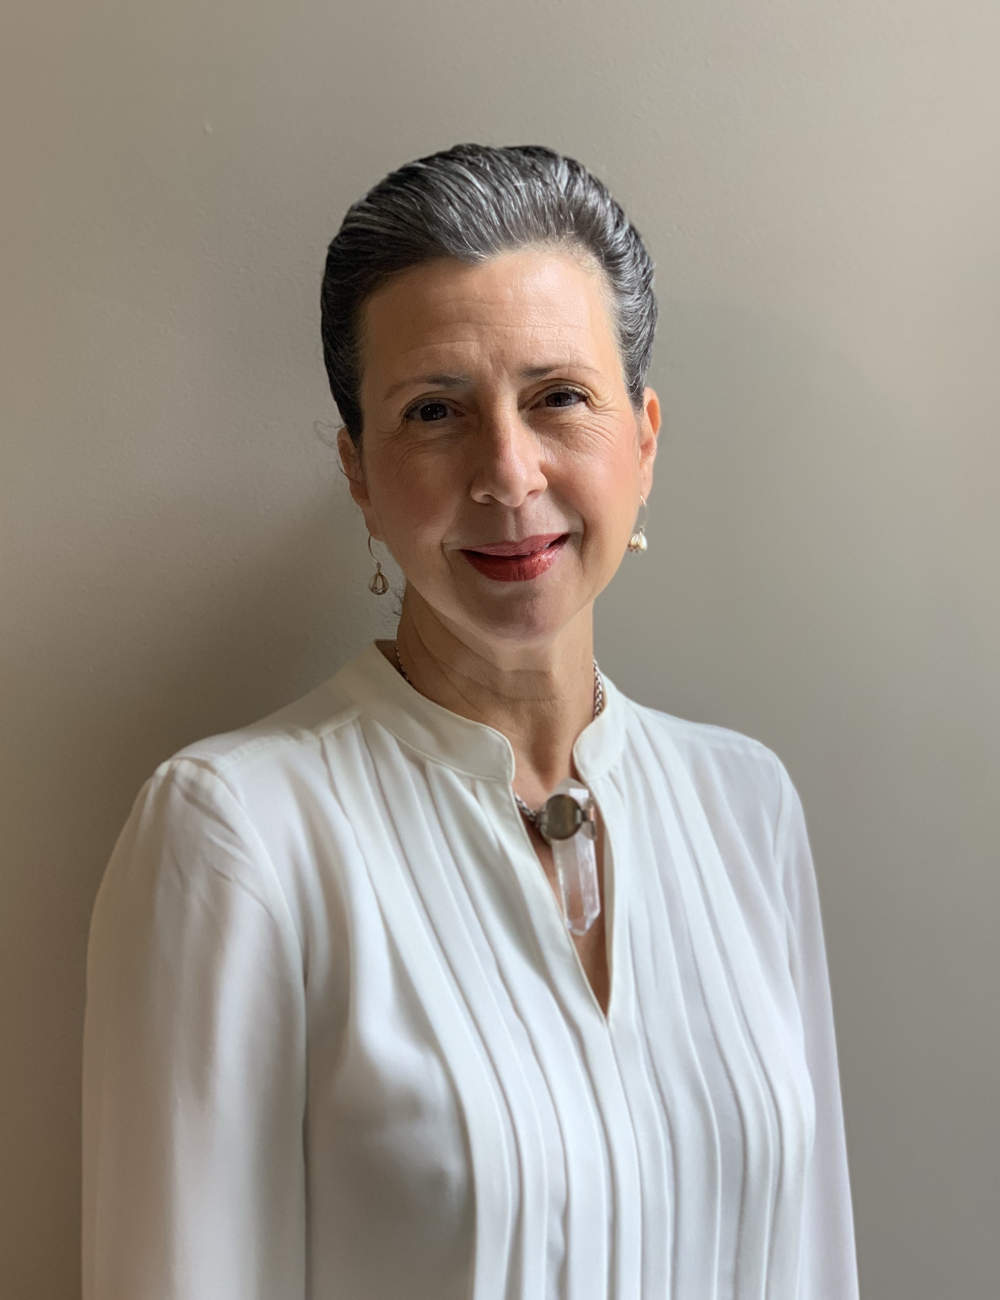 Brenda LaManna